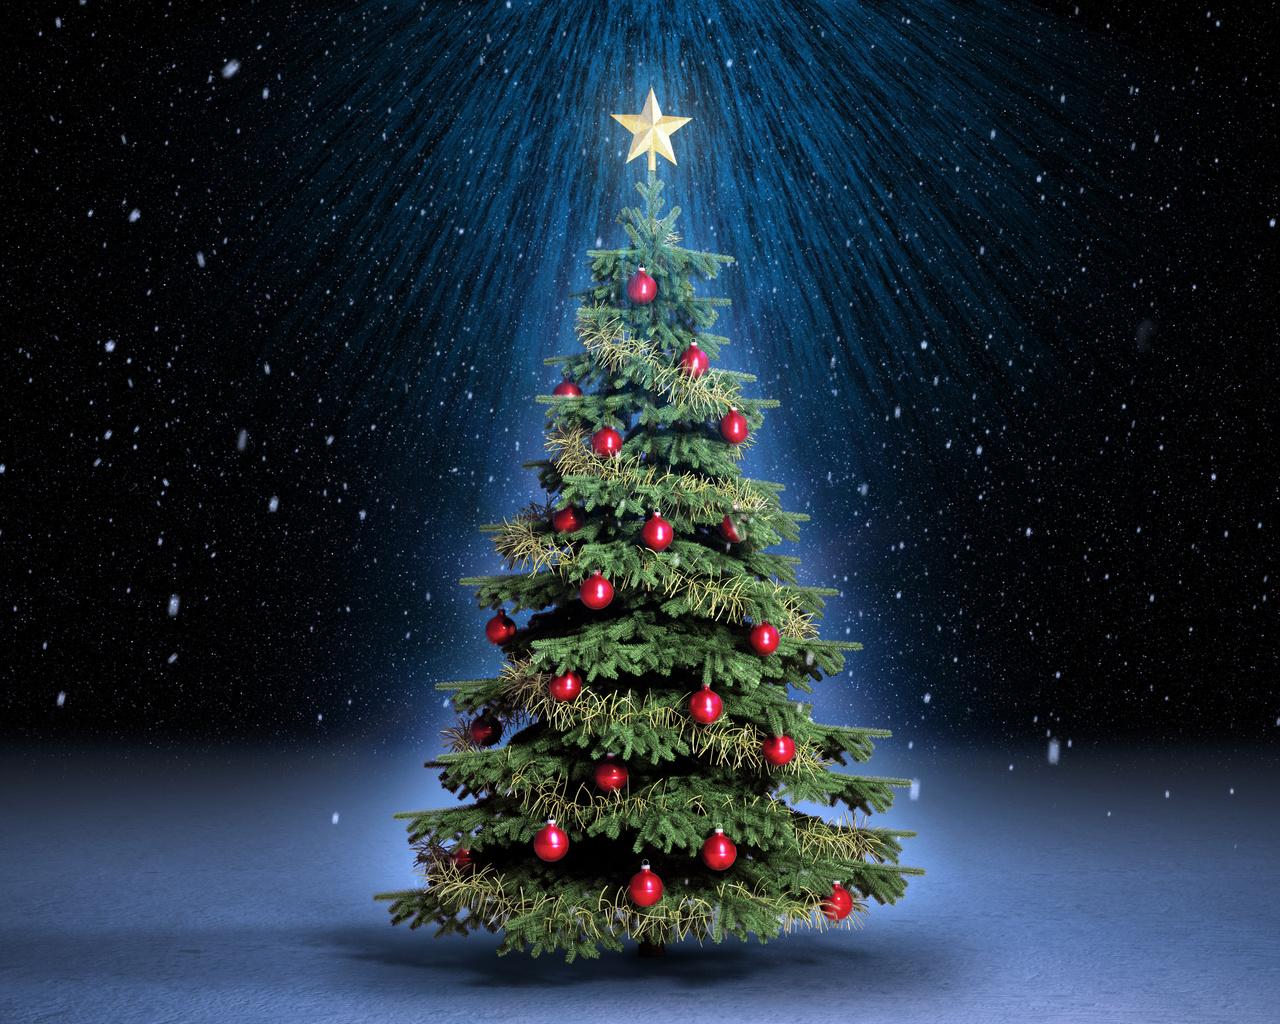 З 25 грудня почнуть продавати ялинки